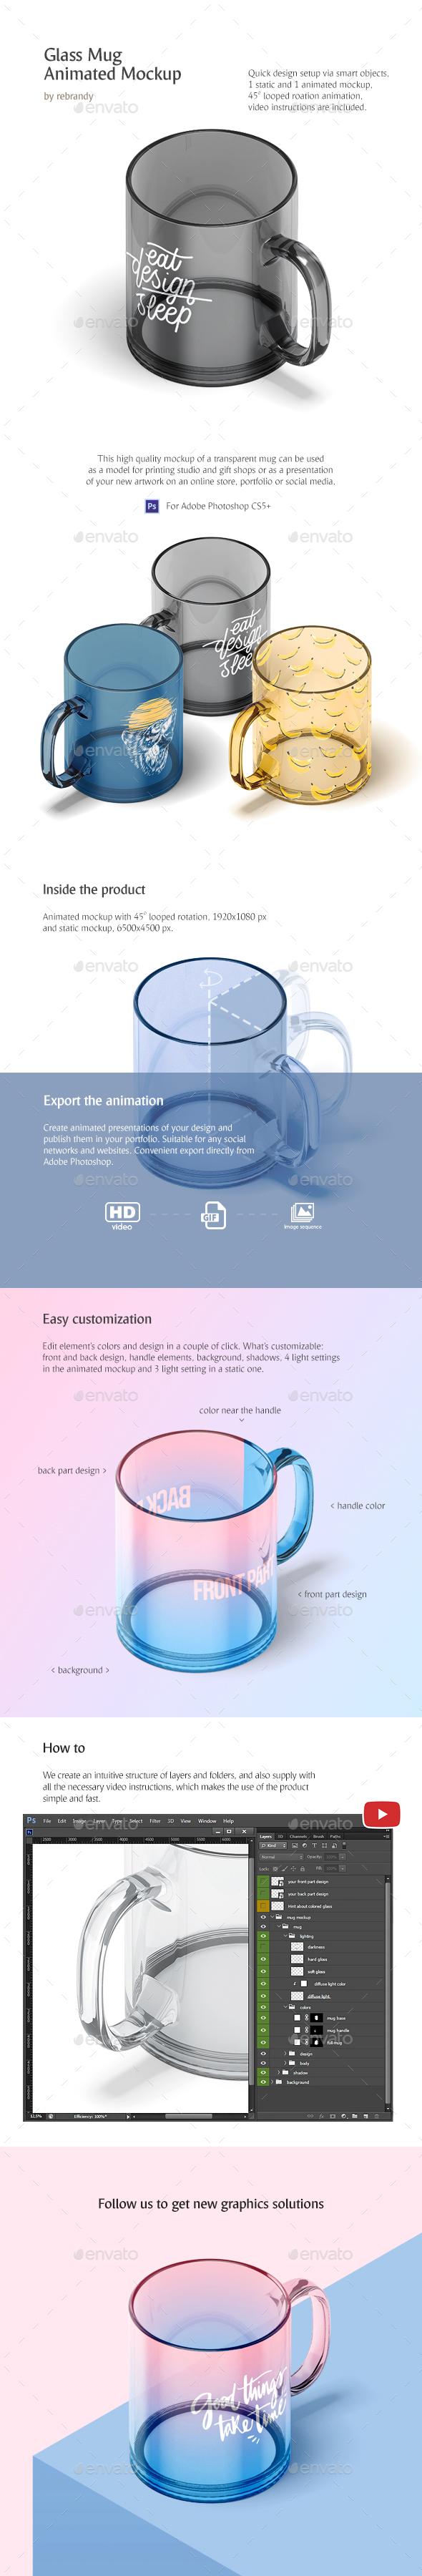 New Glass Mug Animated Mockup - Product Mock-Ups Graphics